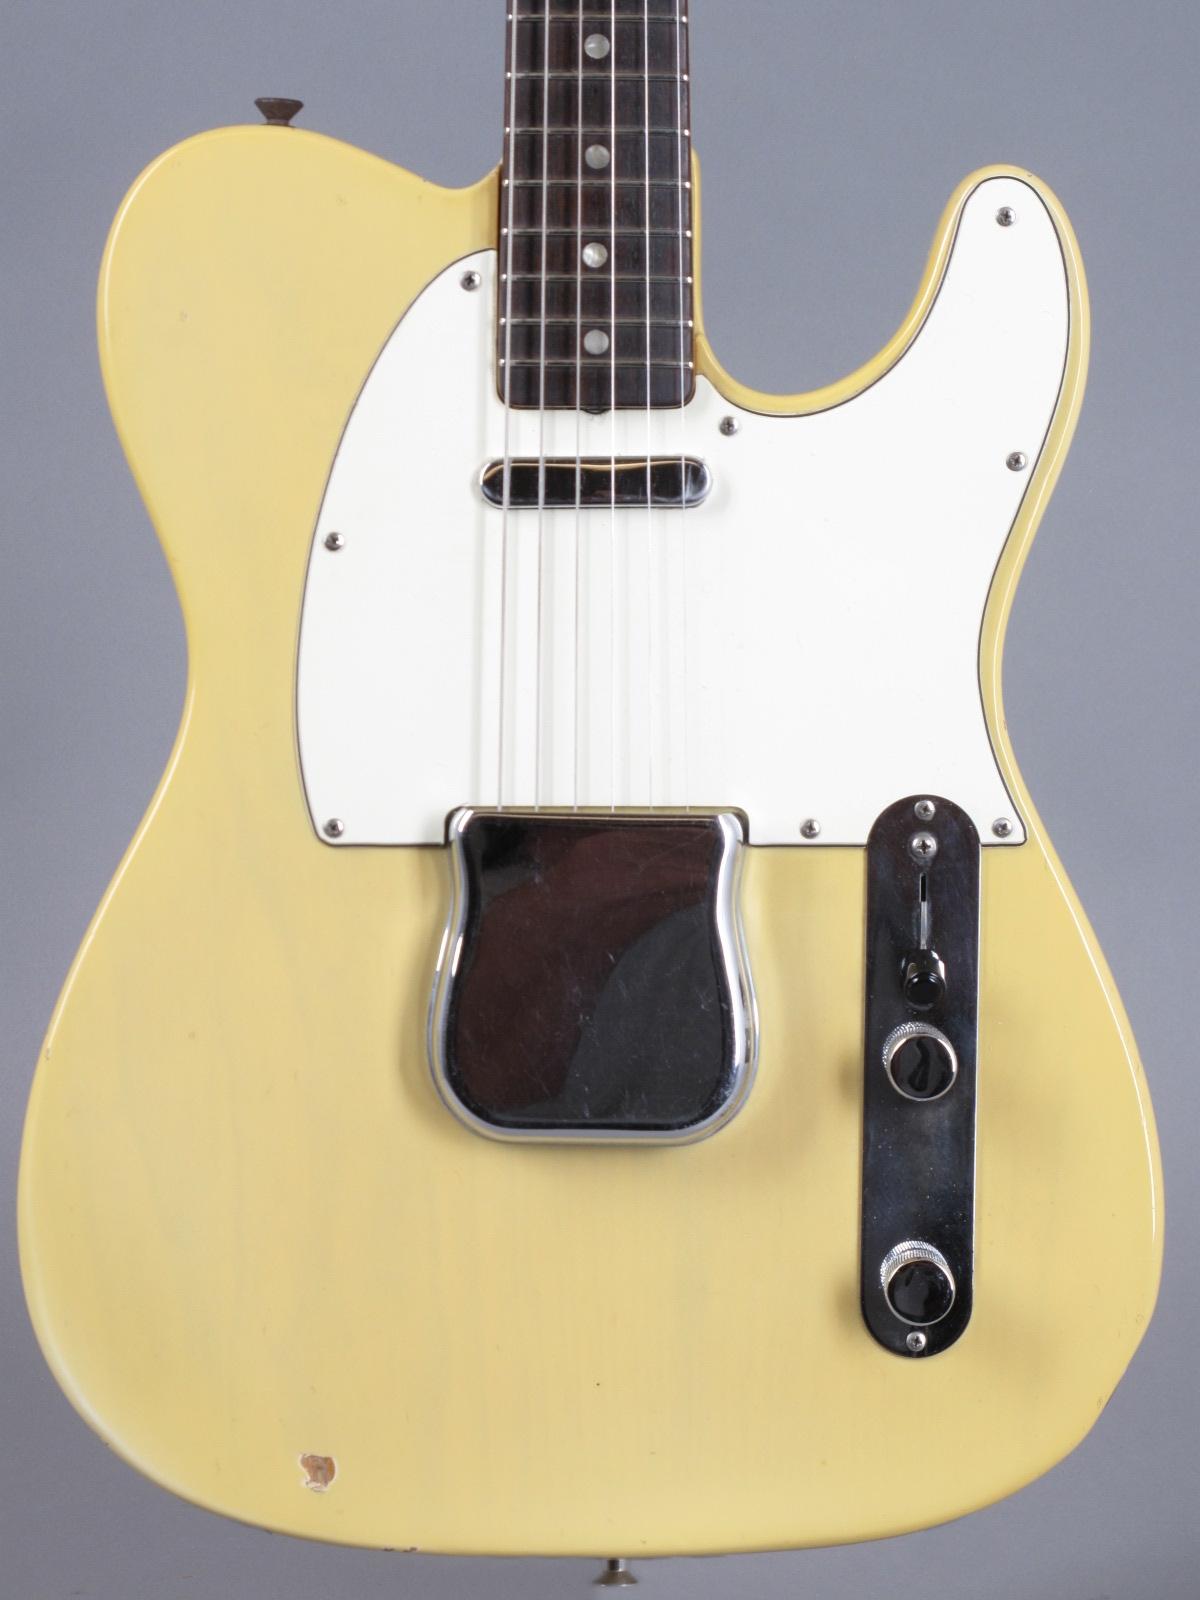 1971-Fender-Telecaster-Blond